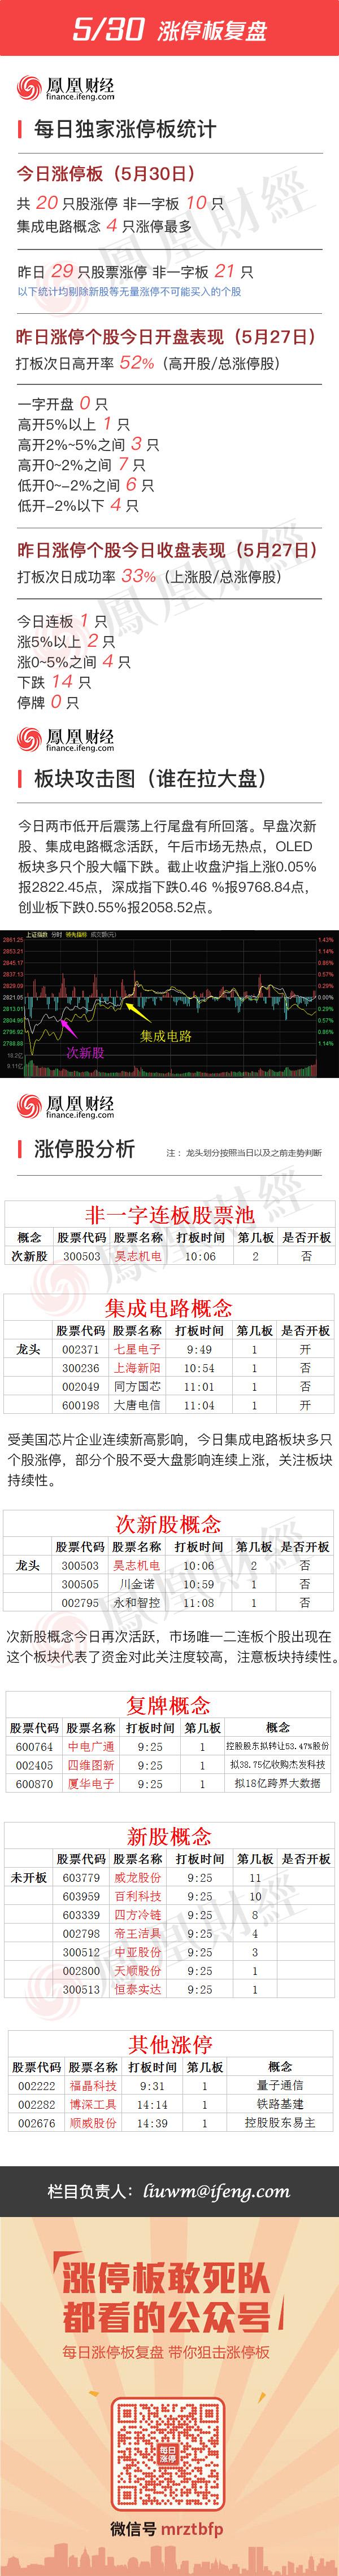 2016年5月30日涨停板复盘 - 小美 - xing1969wuw的博客